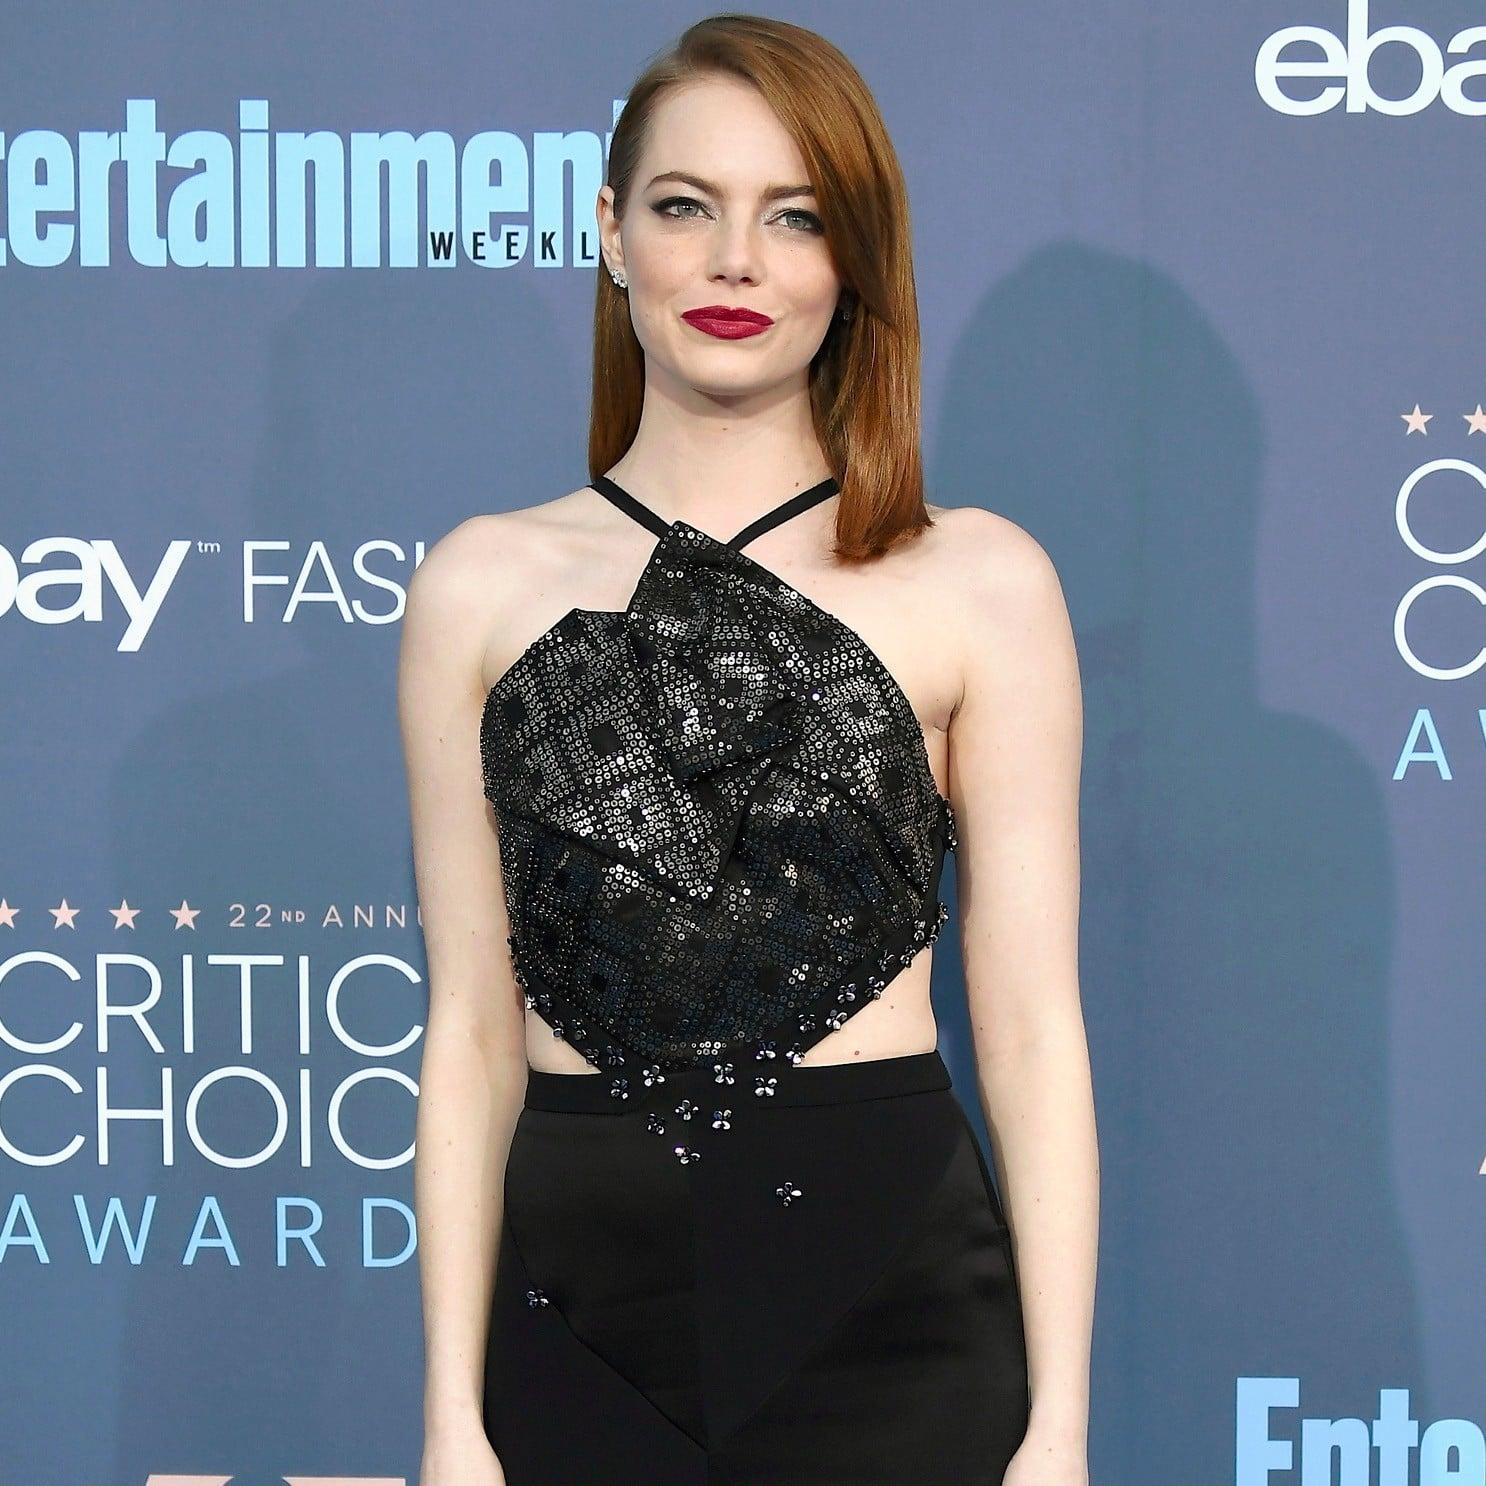 Critics\' Choice Awards Red Carpet Dresses 2017 | POPSUGAR Fashion